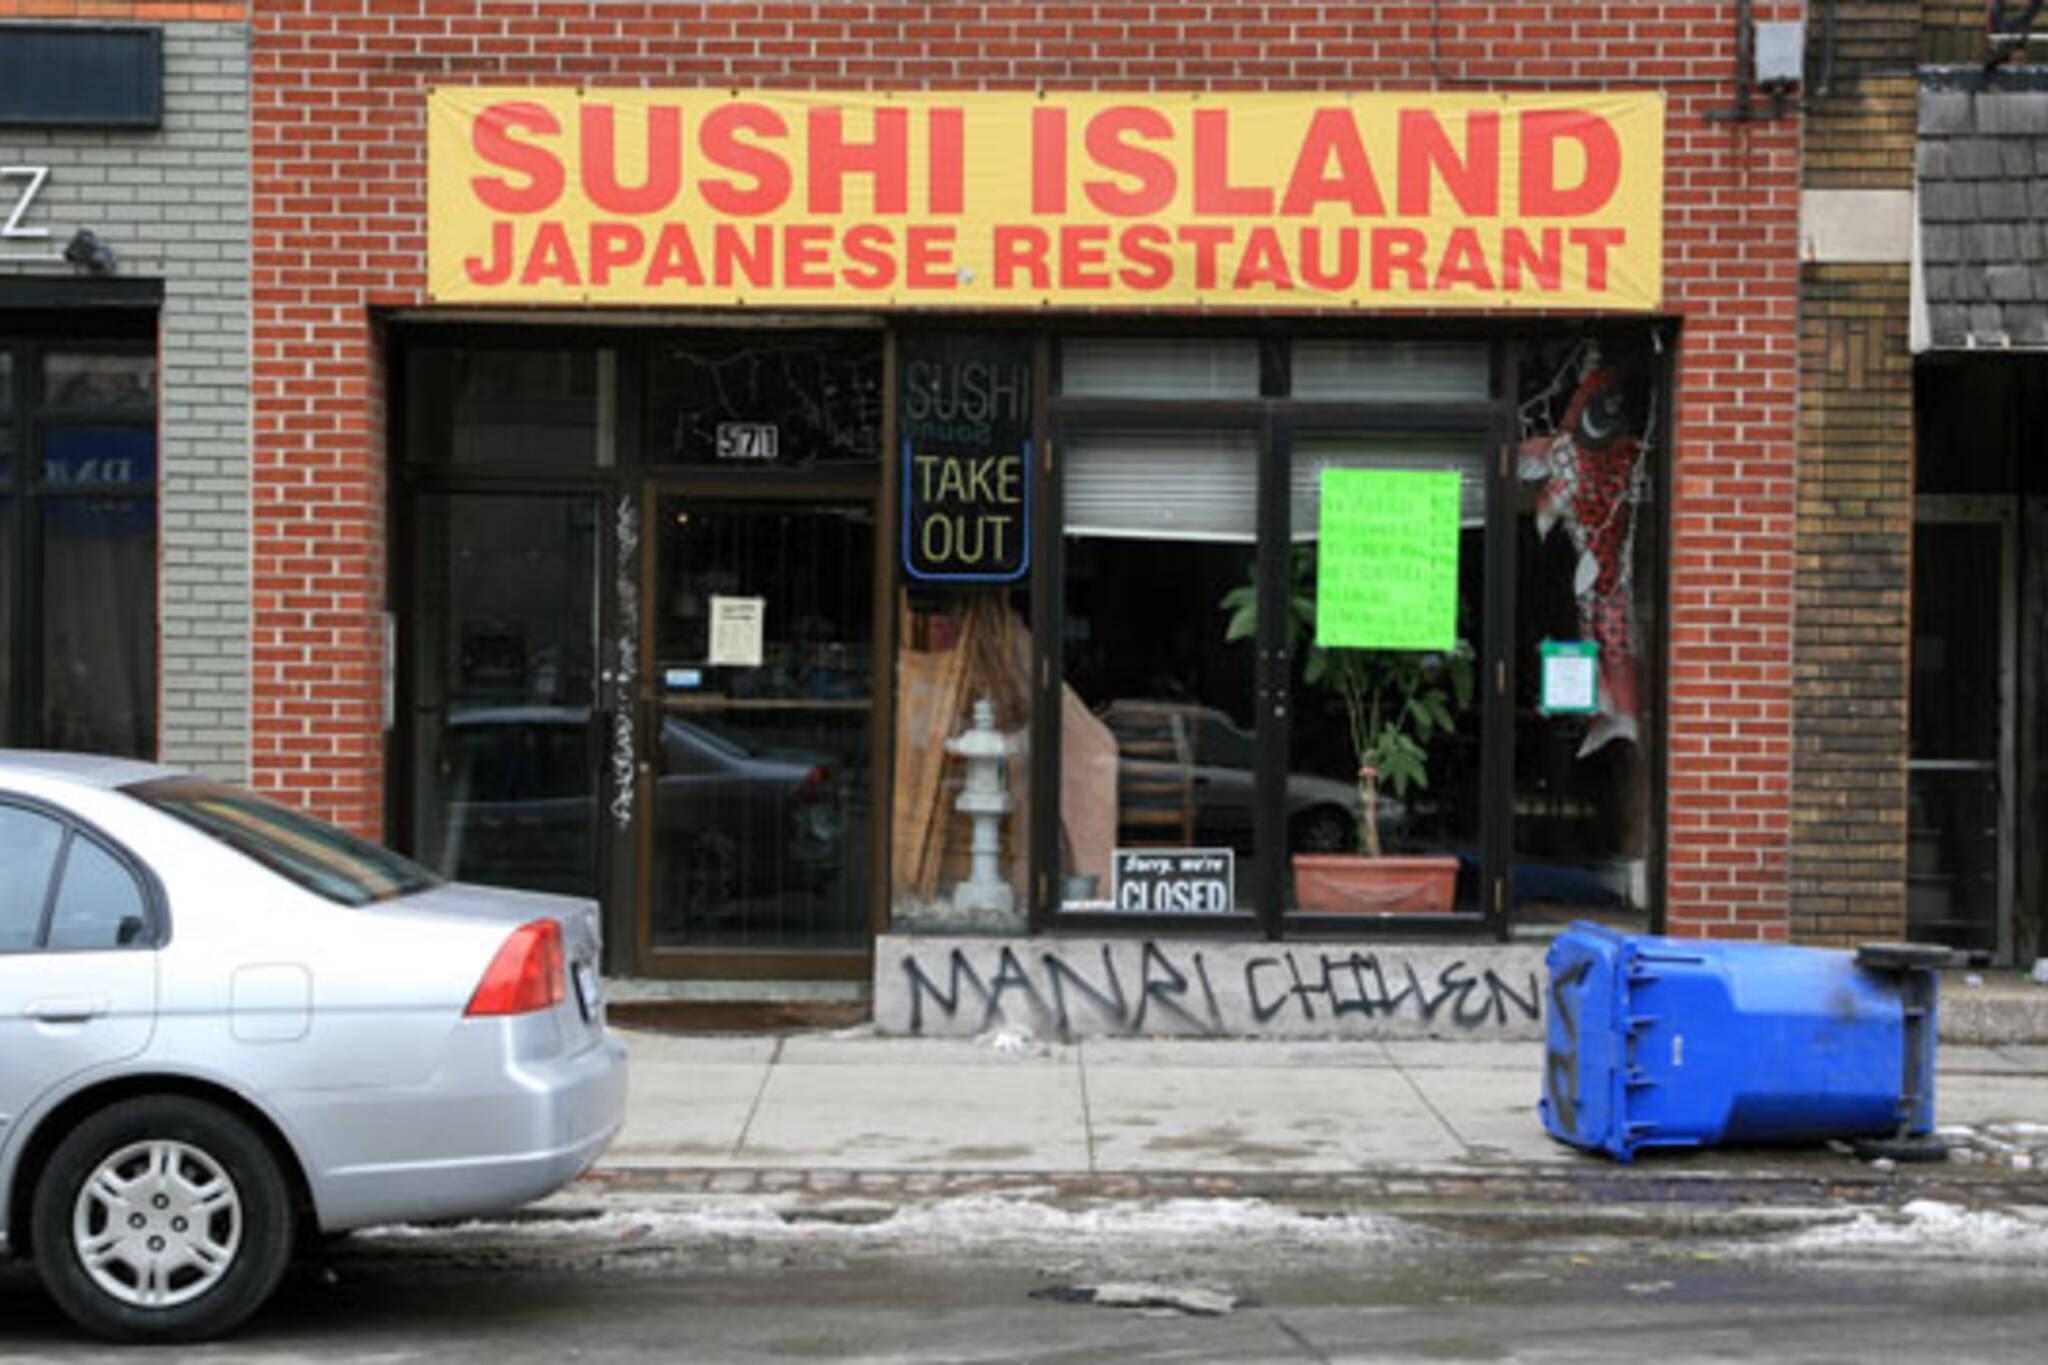 Sushi Island